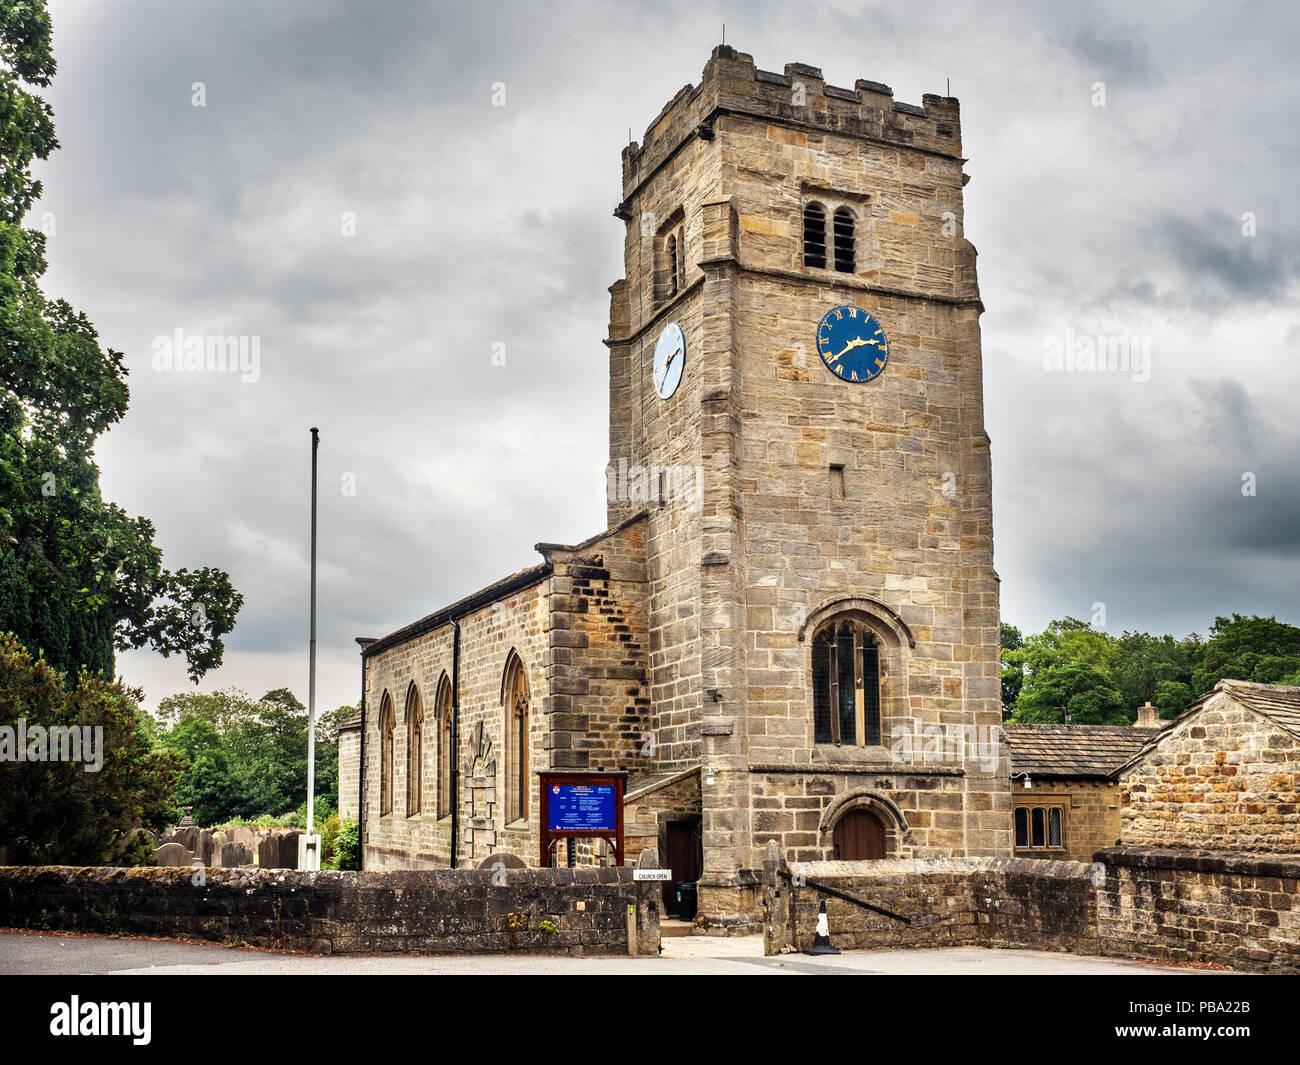 St Robert de l'église paroissiale de Knaresborough Pannal Harrogate North Yorkshire Angleterre Banque D'Images